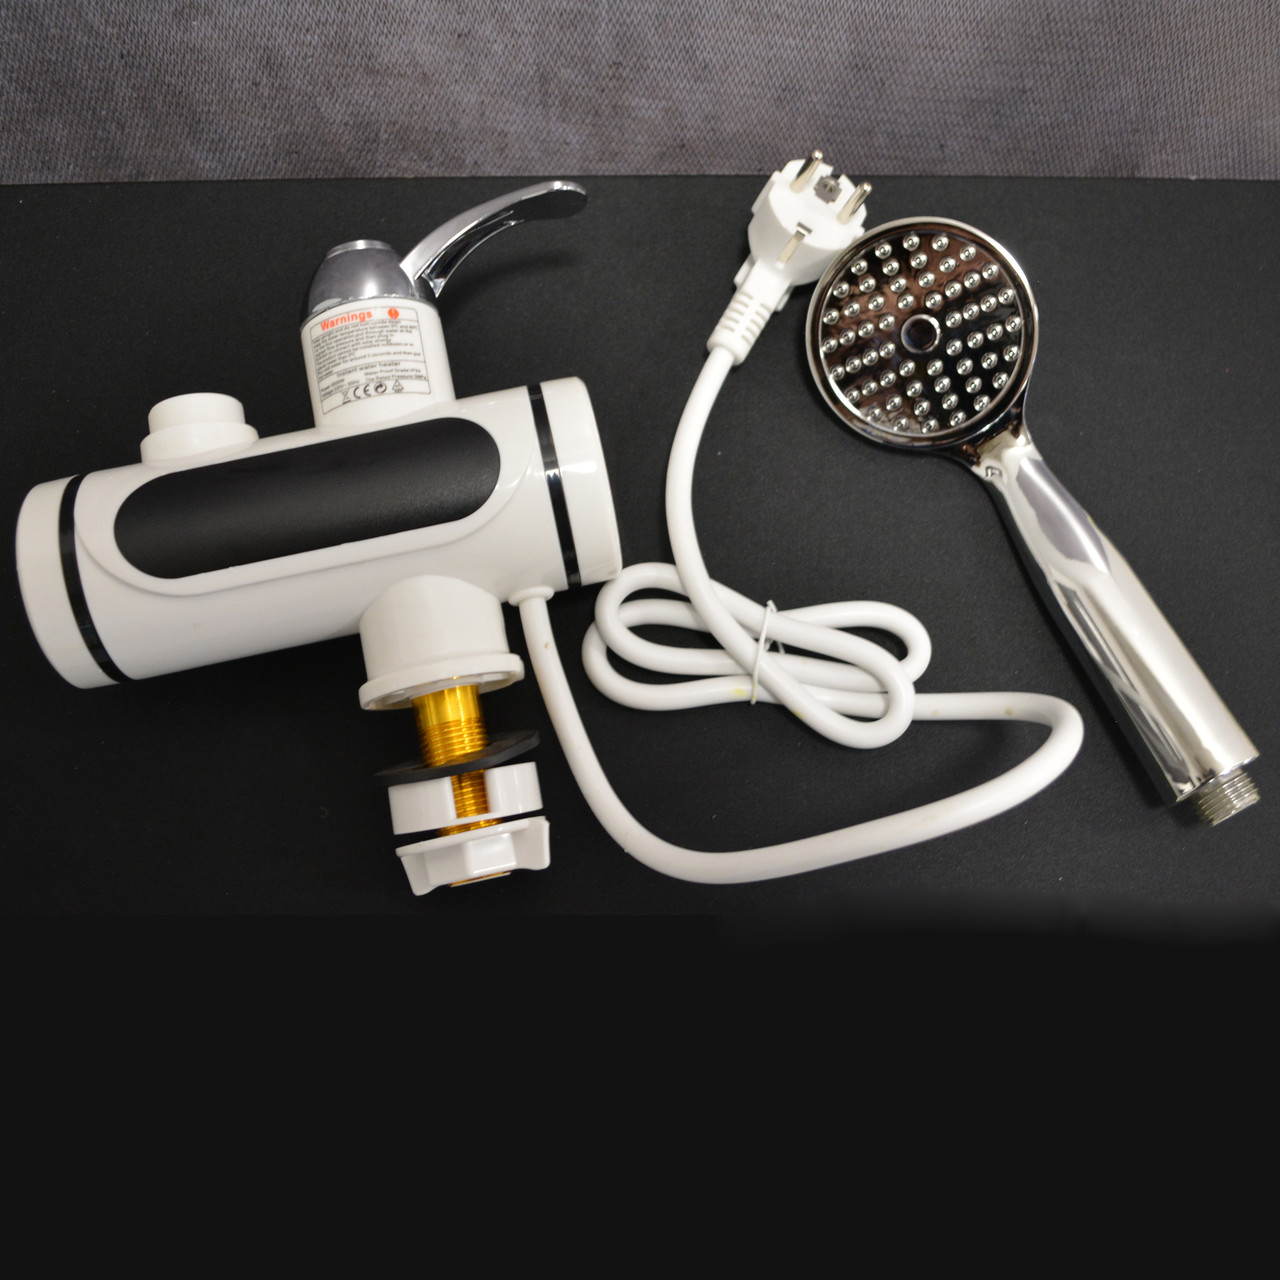 Проточный электрический водонагреватель c душем и дисплеем Instant Electric Heating Water Faucet - фото 4